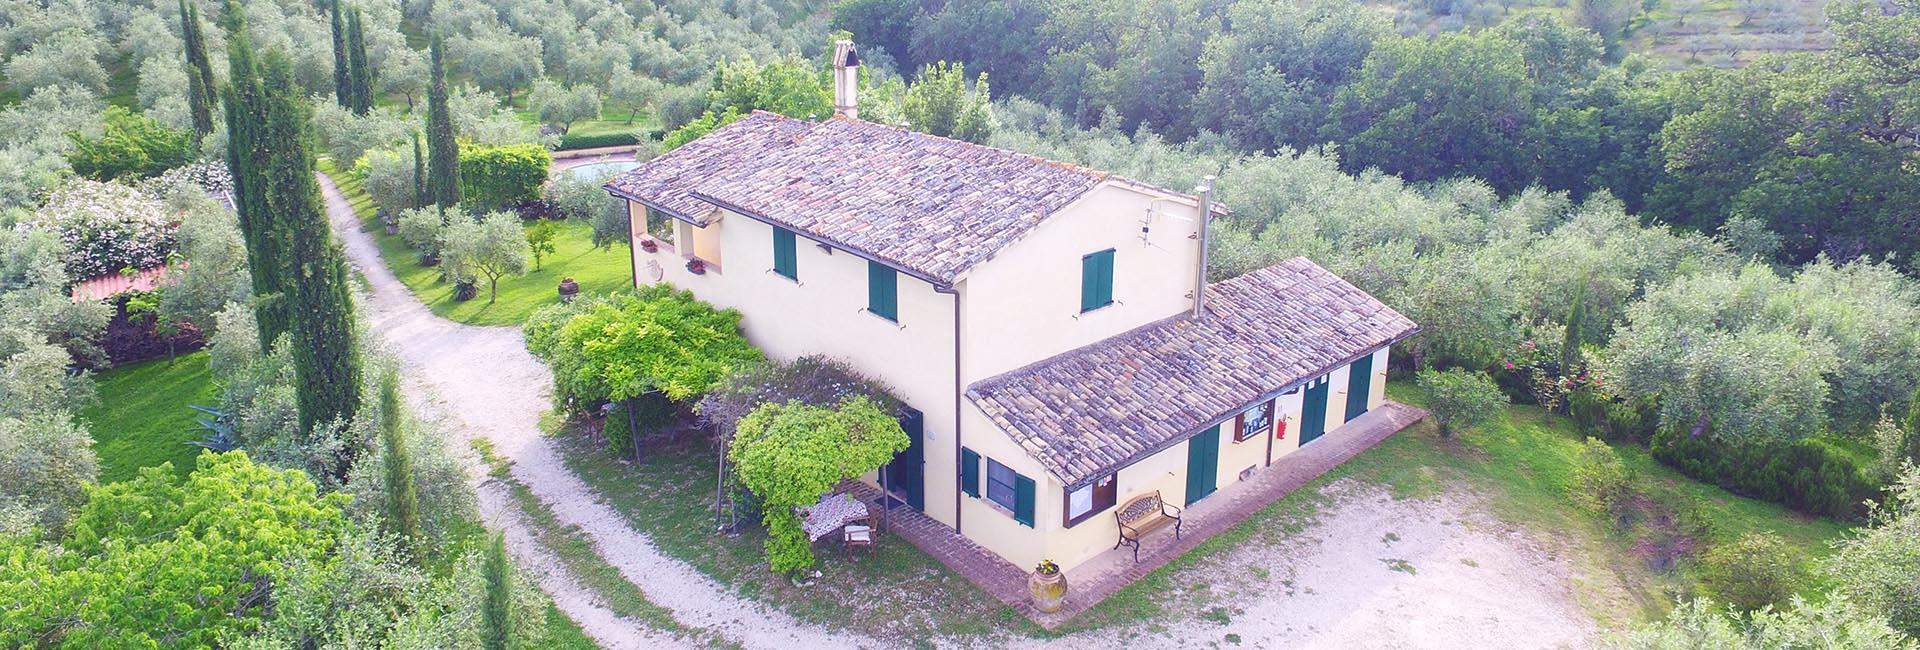 Agriturismo in Umbria - panorama dall'alto